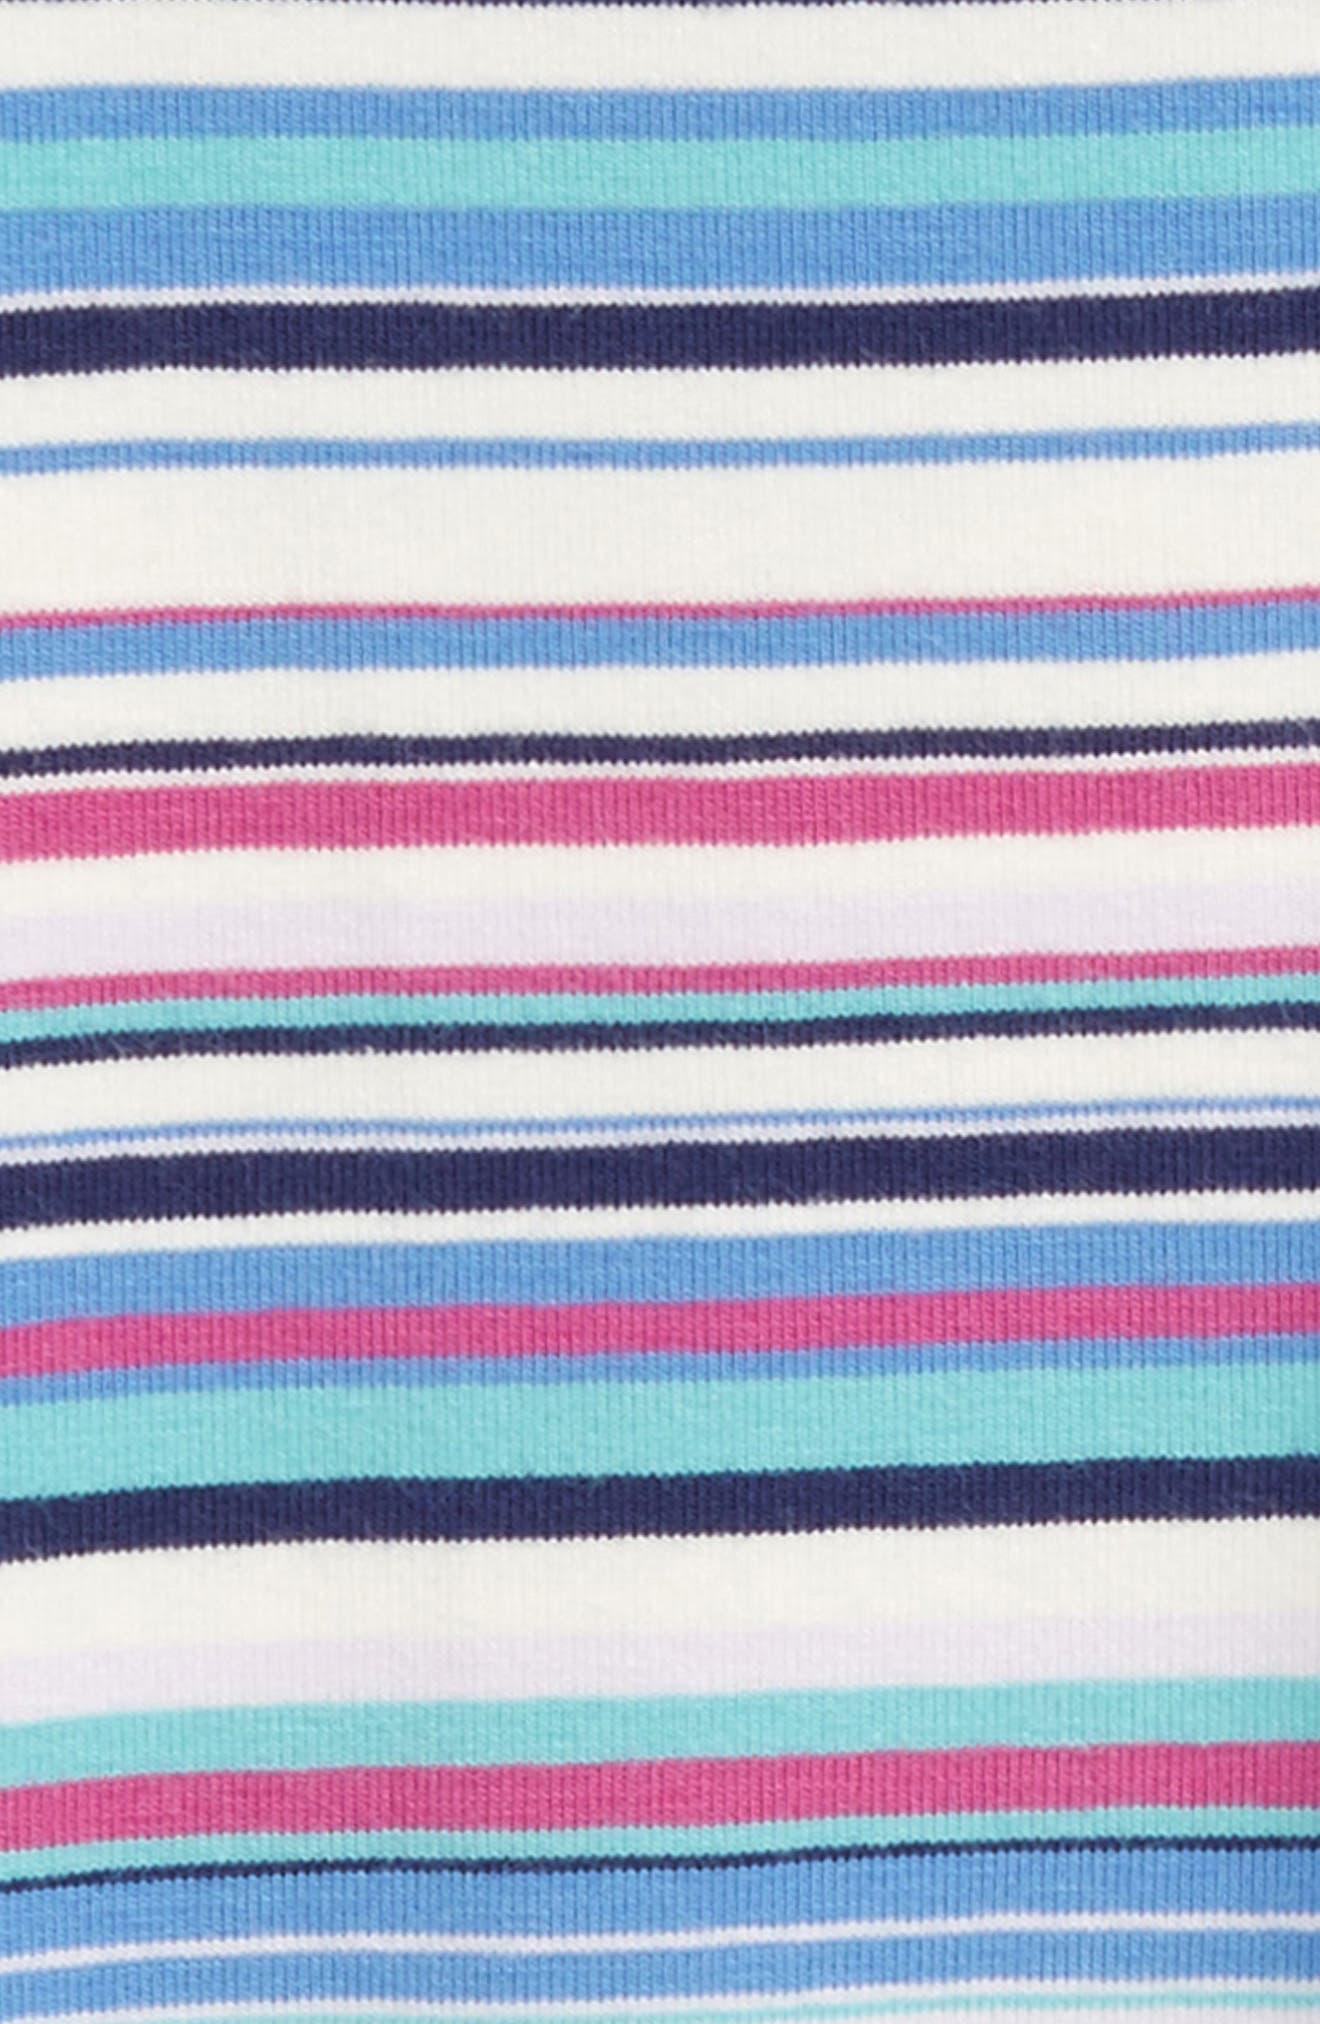 Multistripe Leggings,                             Alternate thumbnail 2, color,                             495